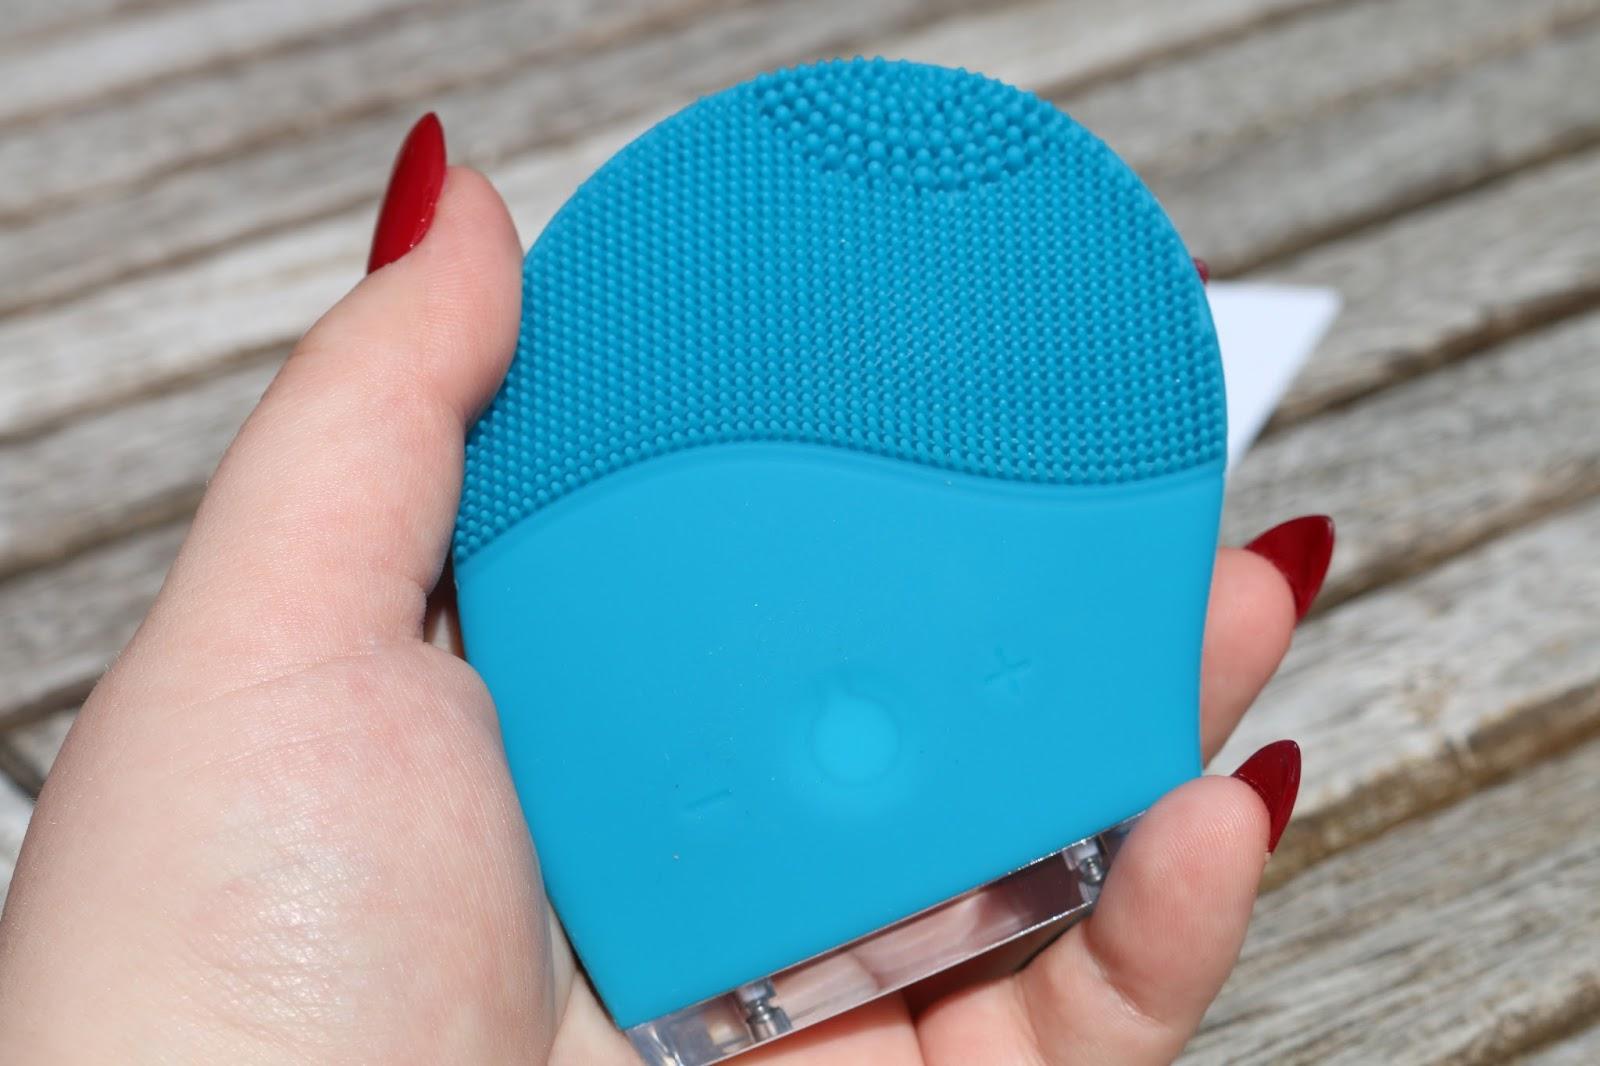 The Sensio Spa Deep Pore Cleanser